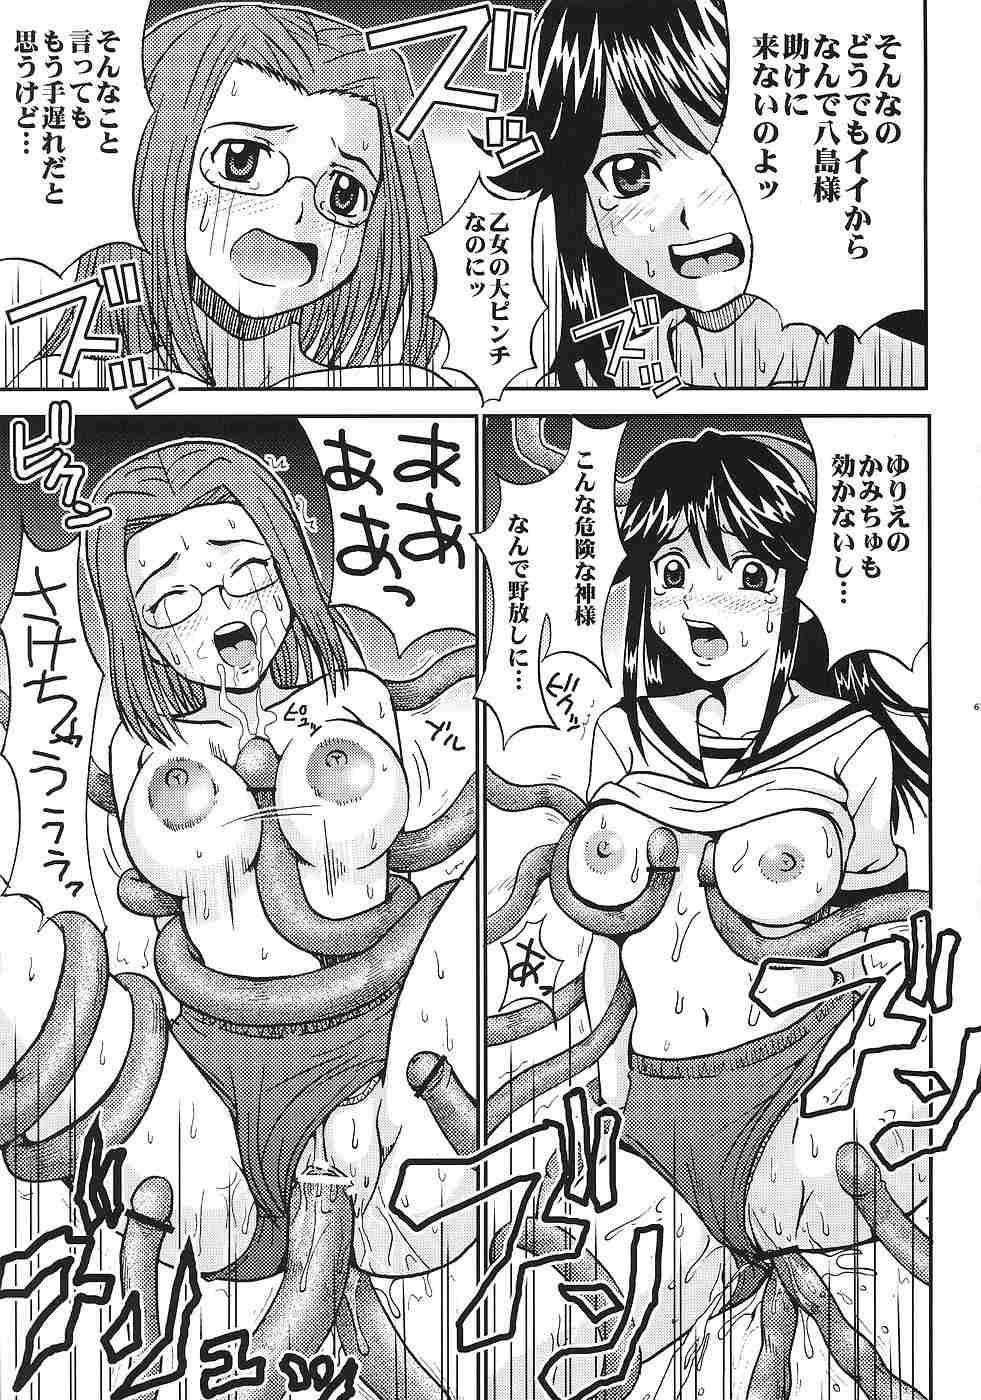 Shakume No Mai Otsukamichu 2 63